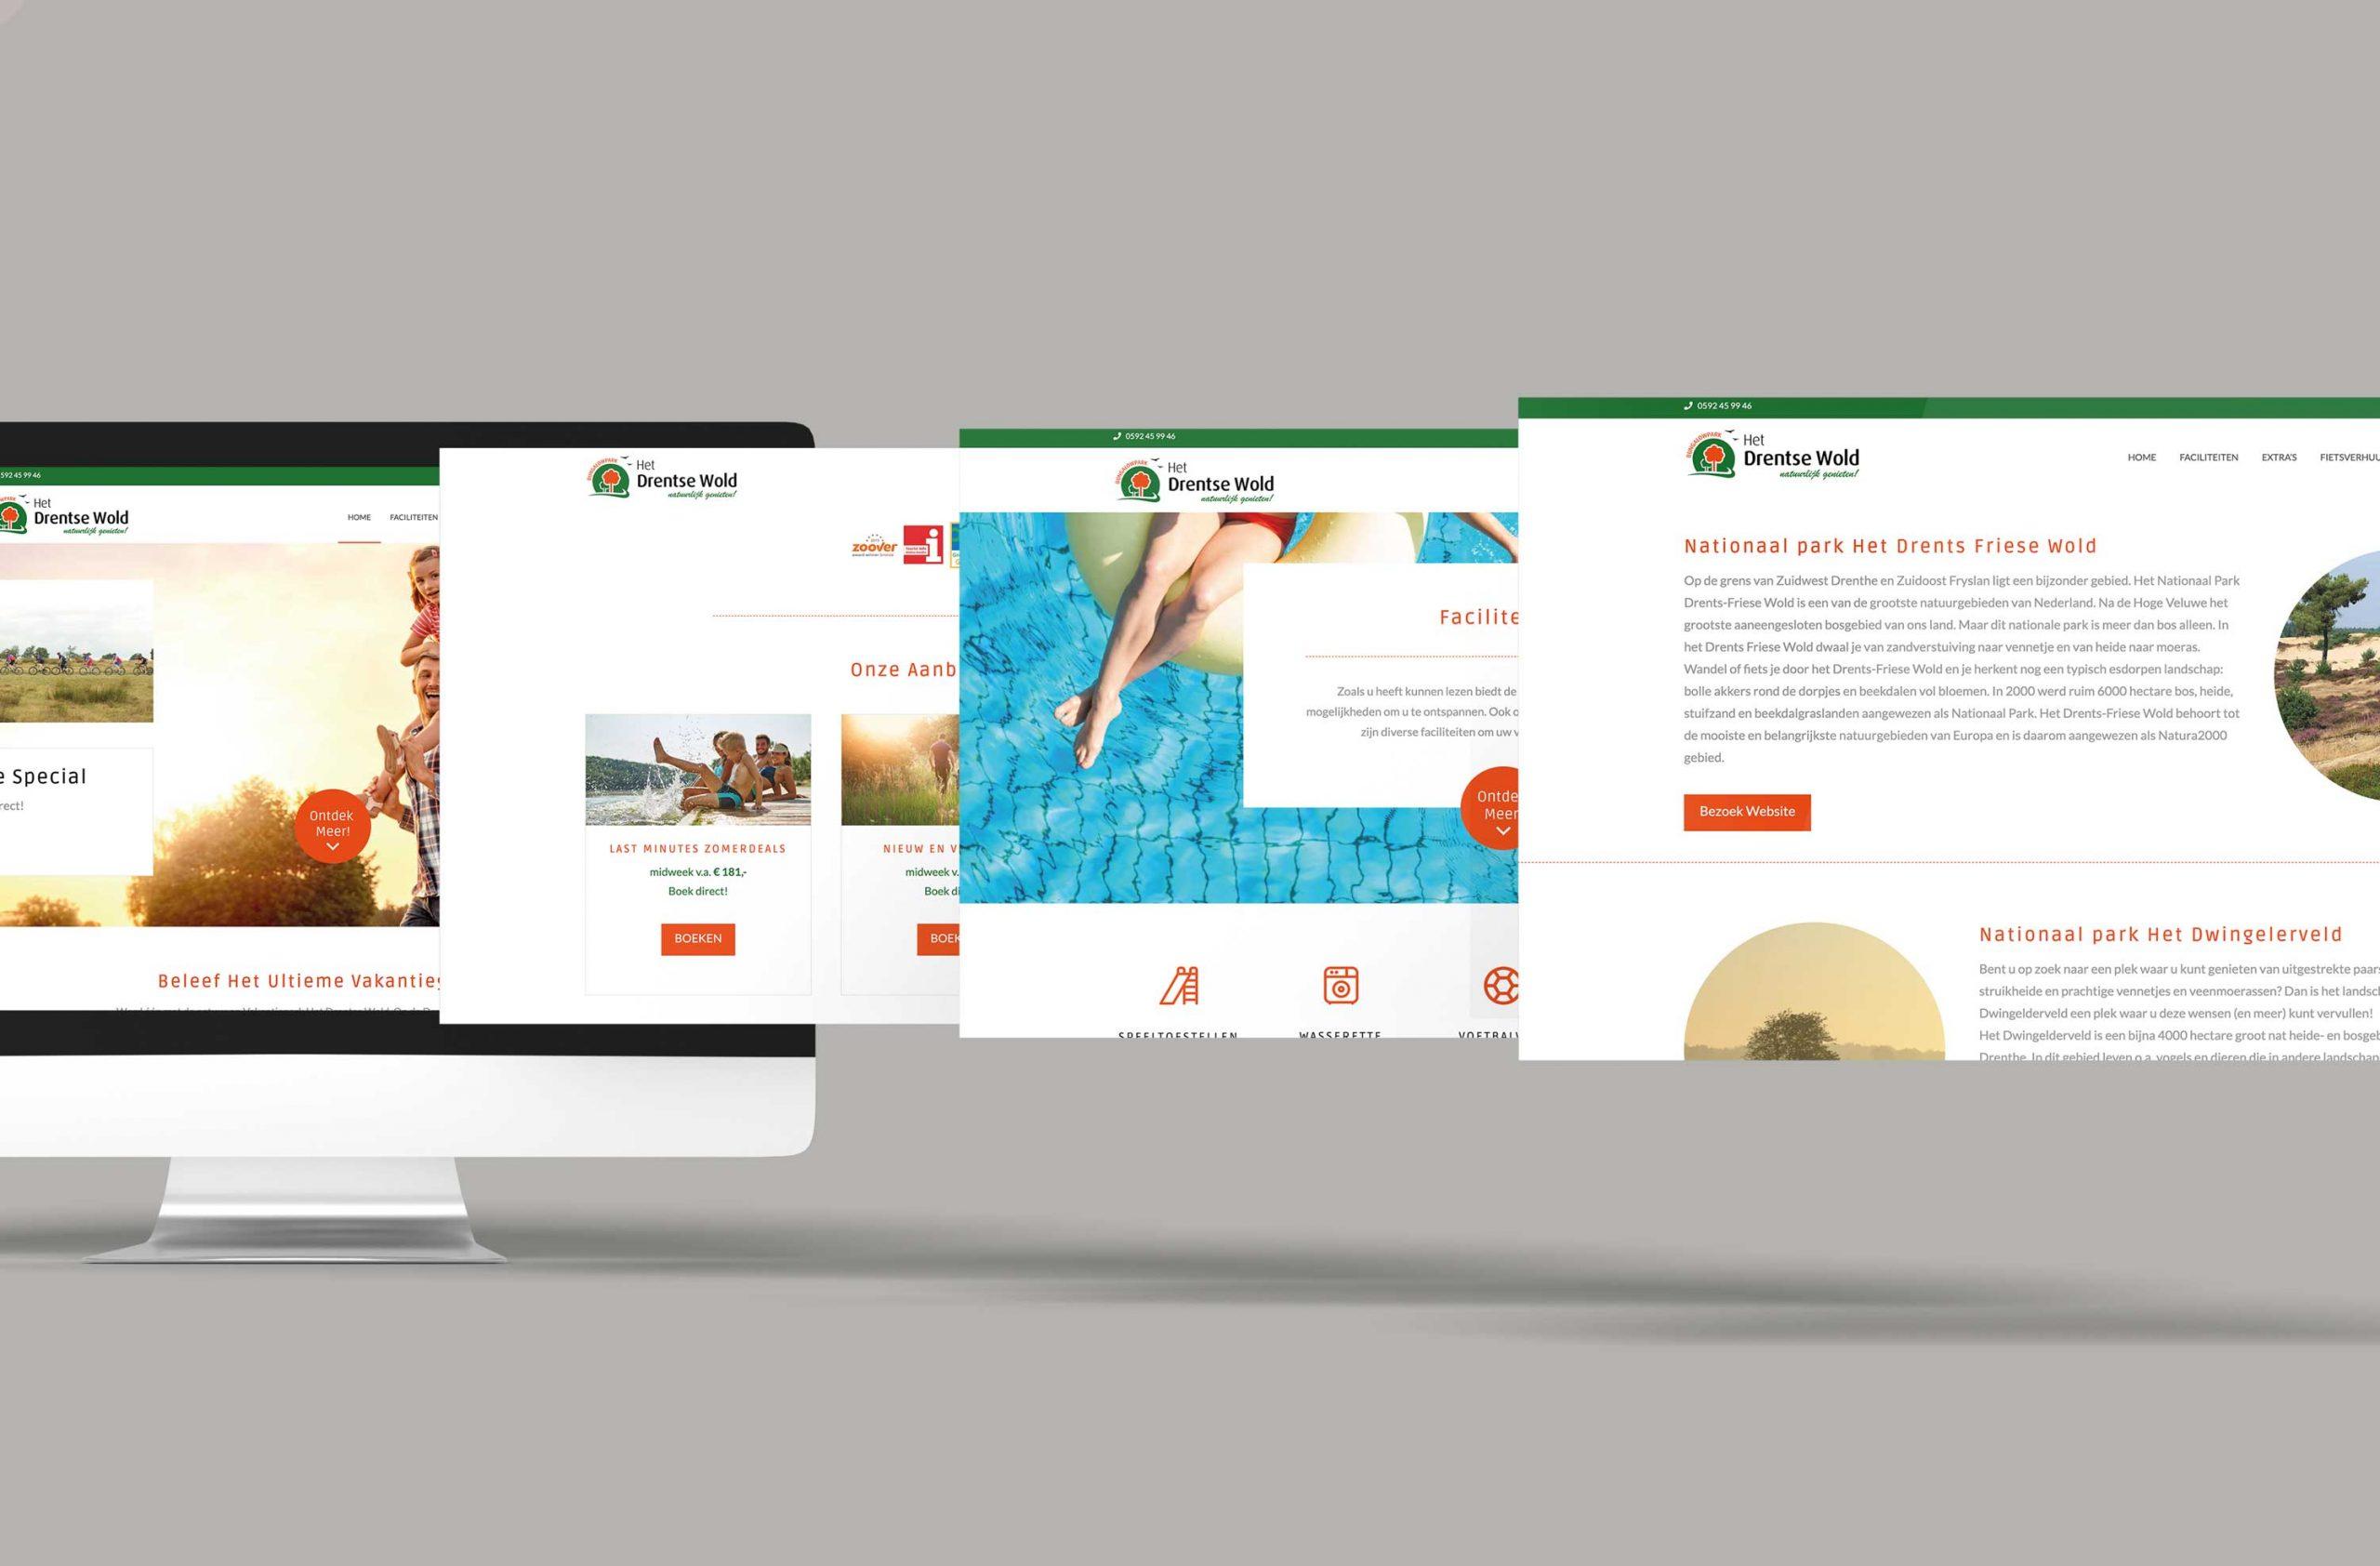 webdesign desktop hdw